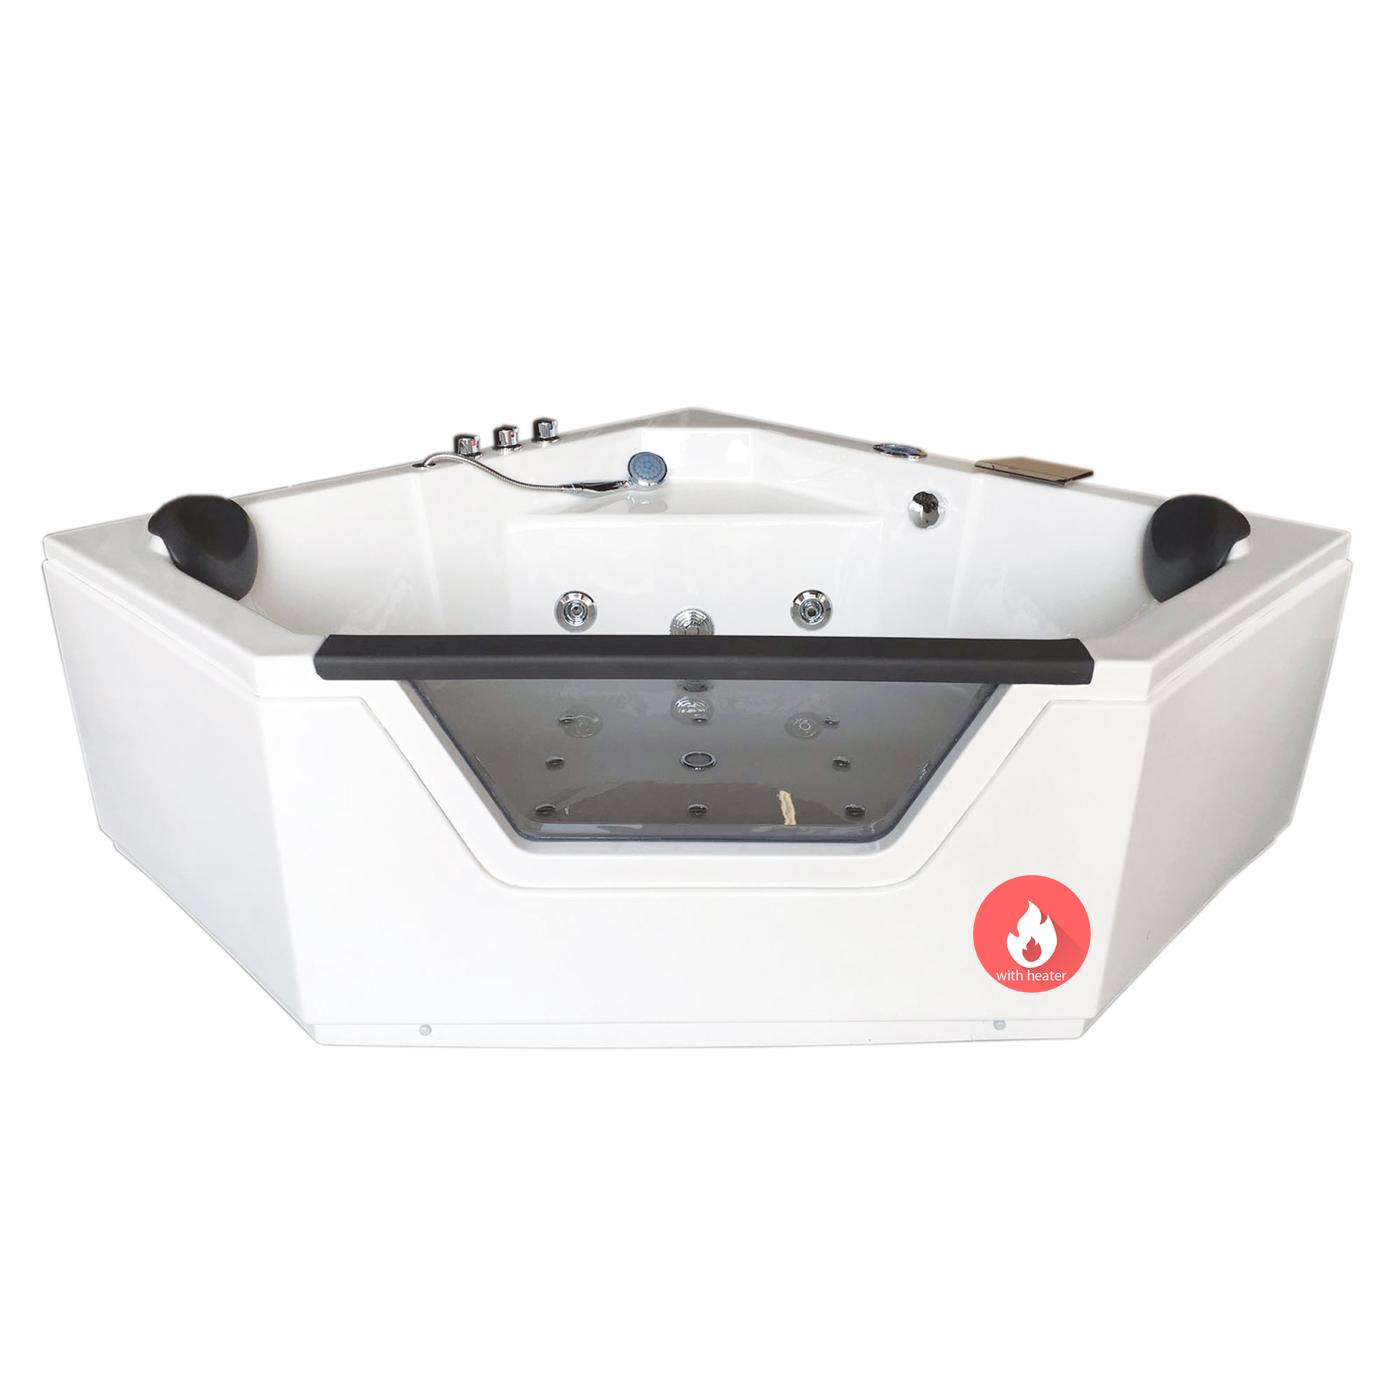 Vasca-Ibiza-1-with-heater